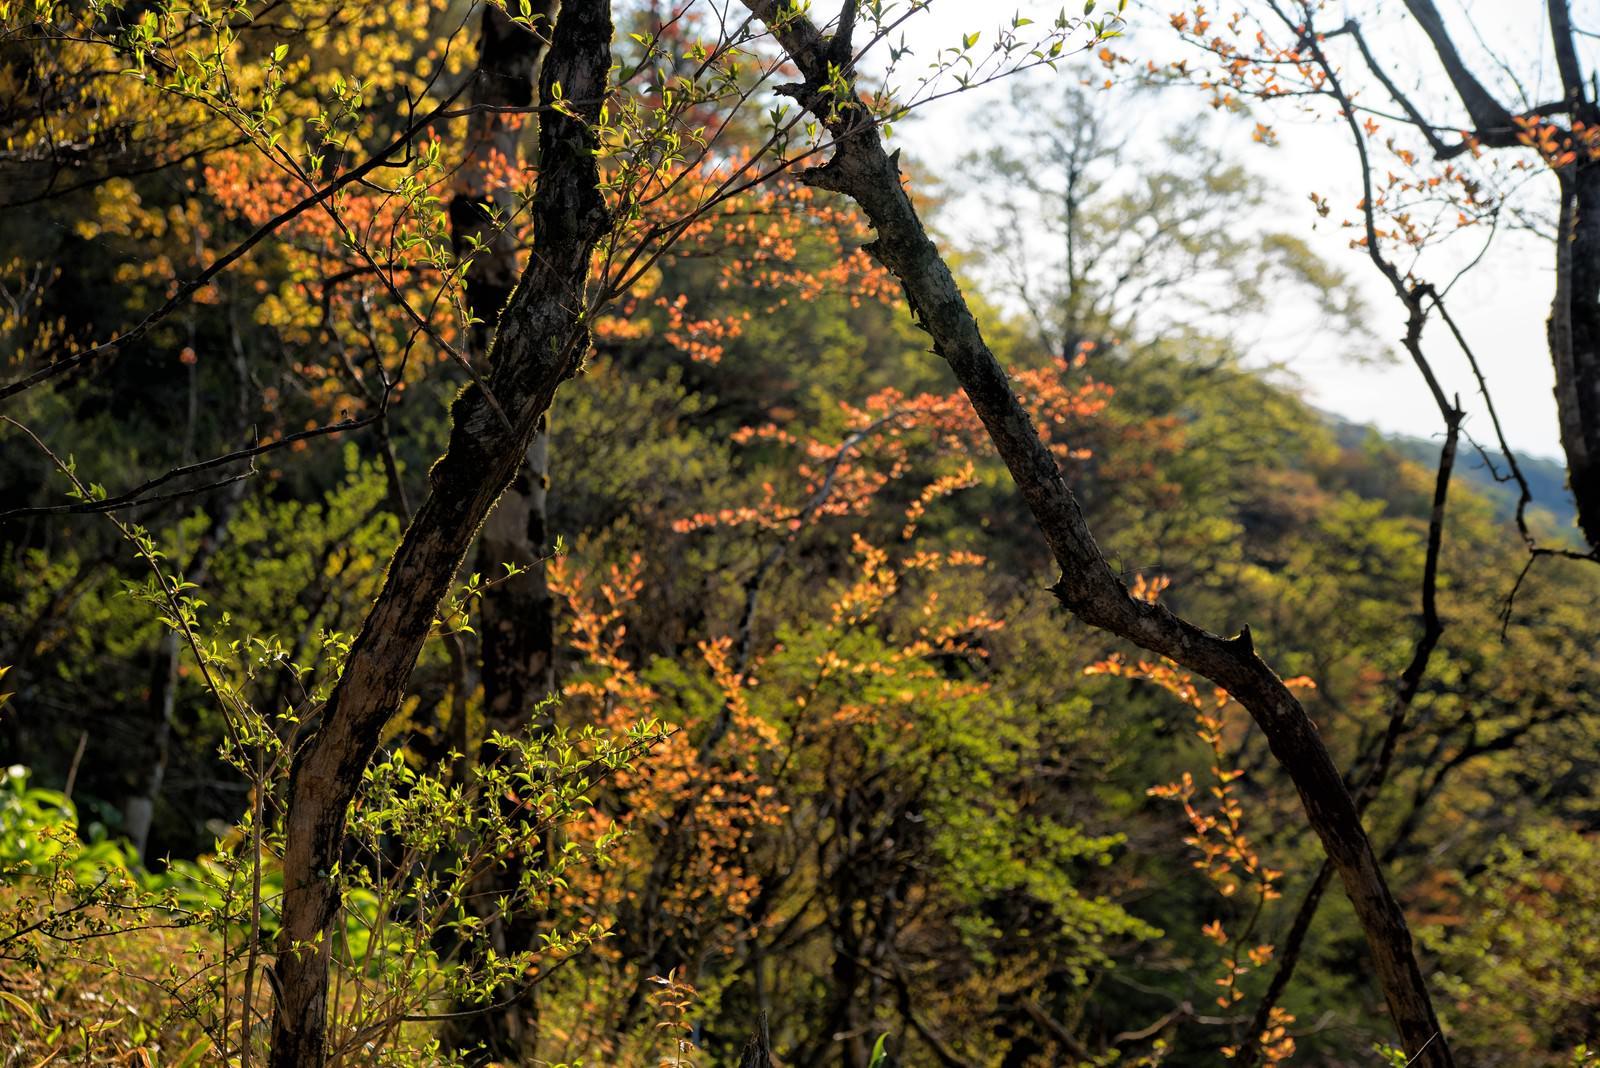 「色彩溢れる丹沢の森」の写真